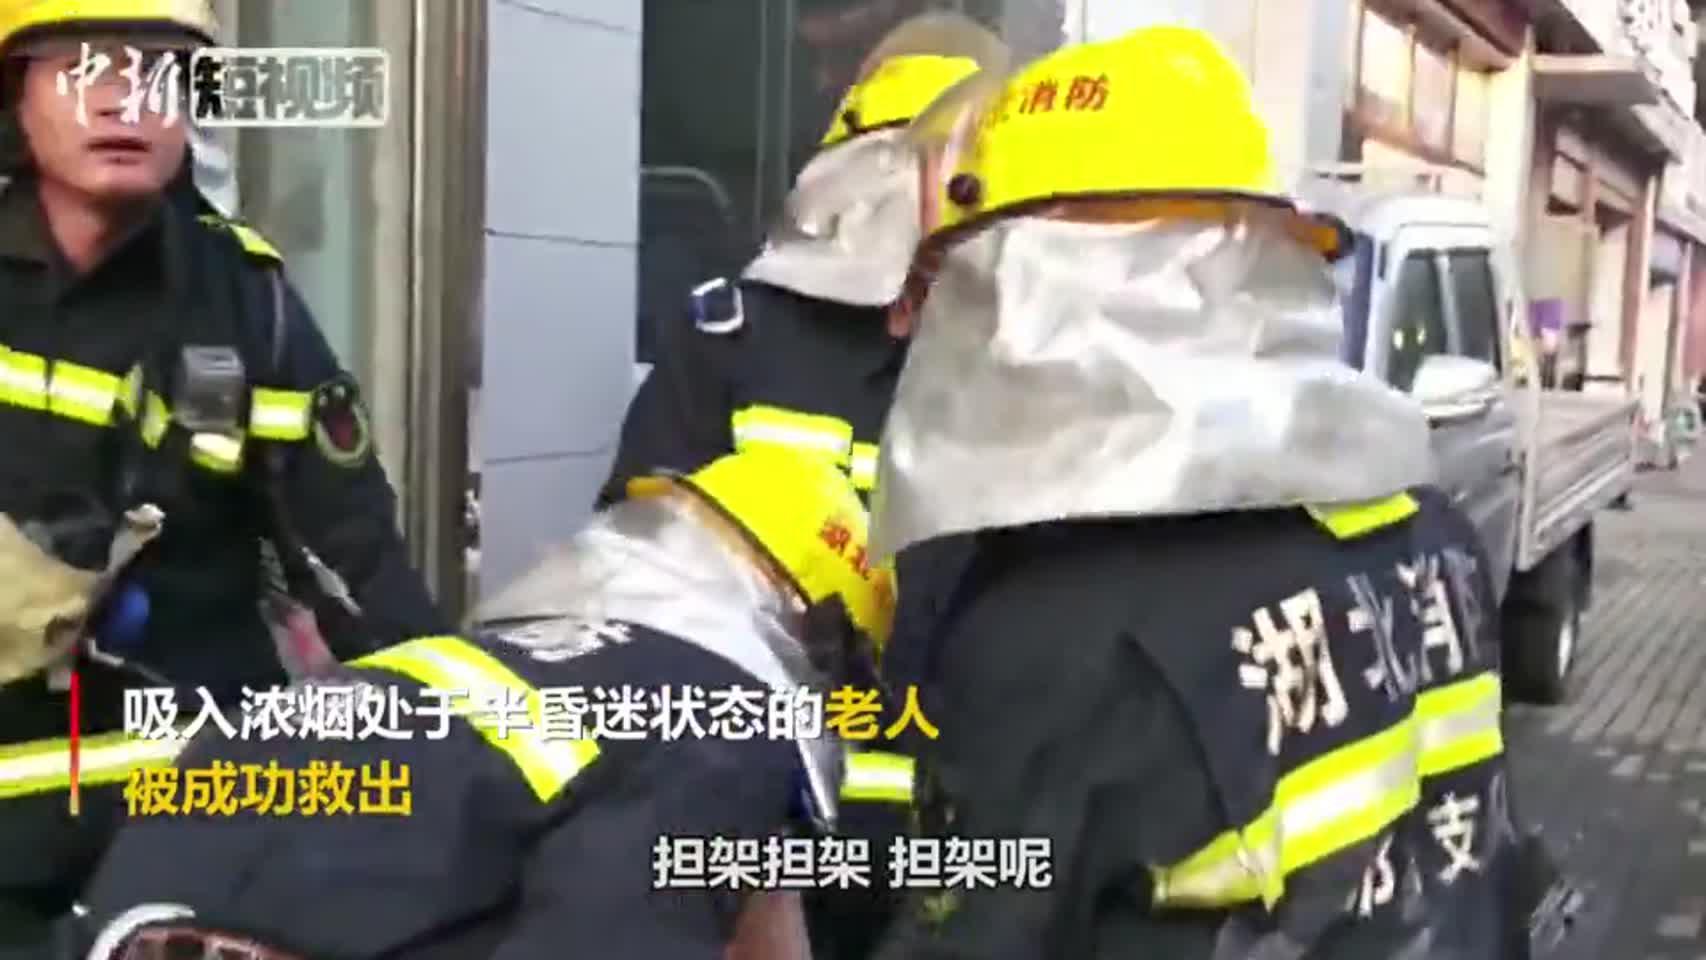 消防员冲入火场救出中风老人 之后的举动更感人